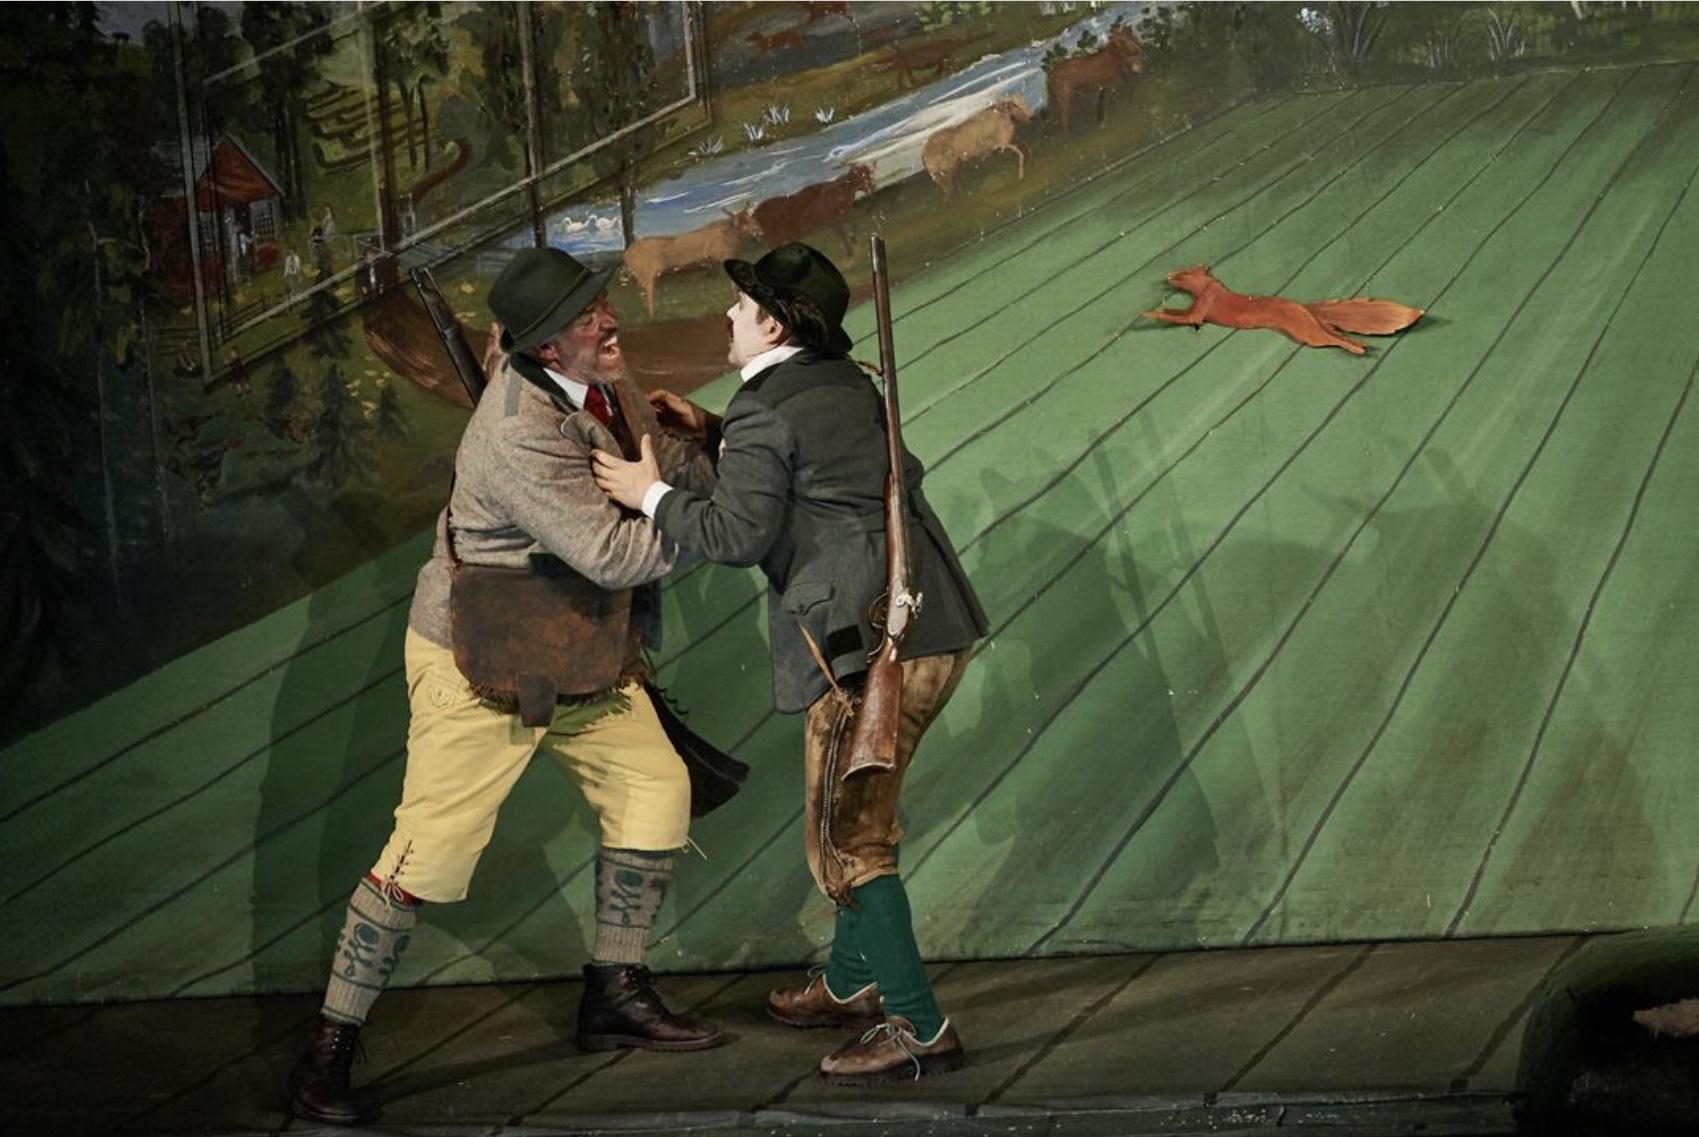 «Вольный стрелок», Штутгартская государственная опера. Photo (c) Martin Sigmund